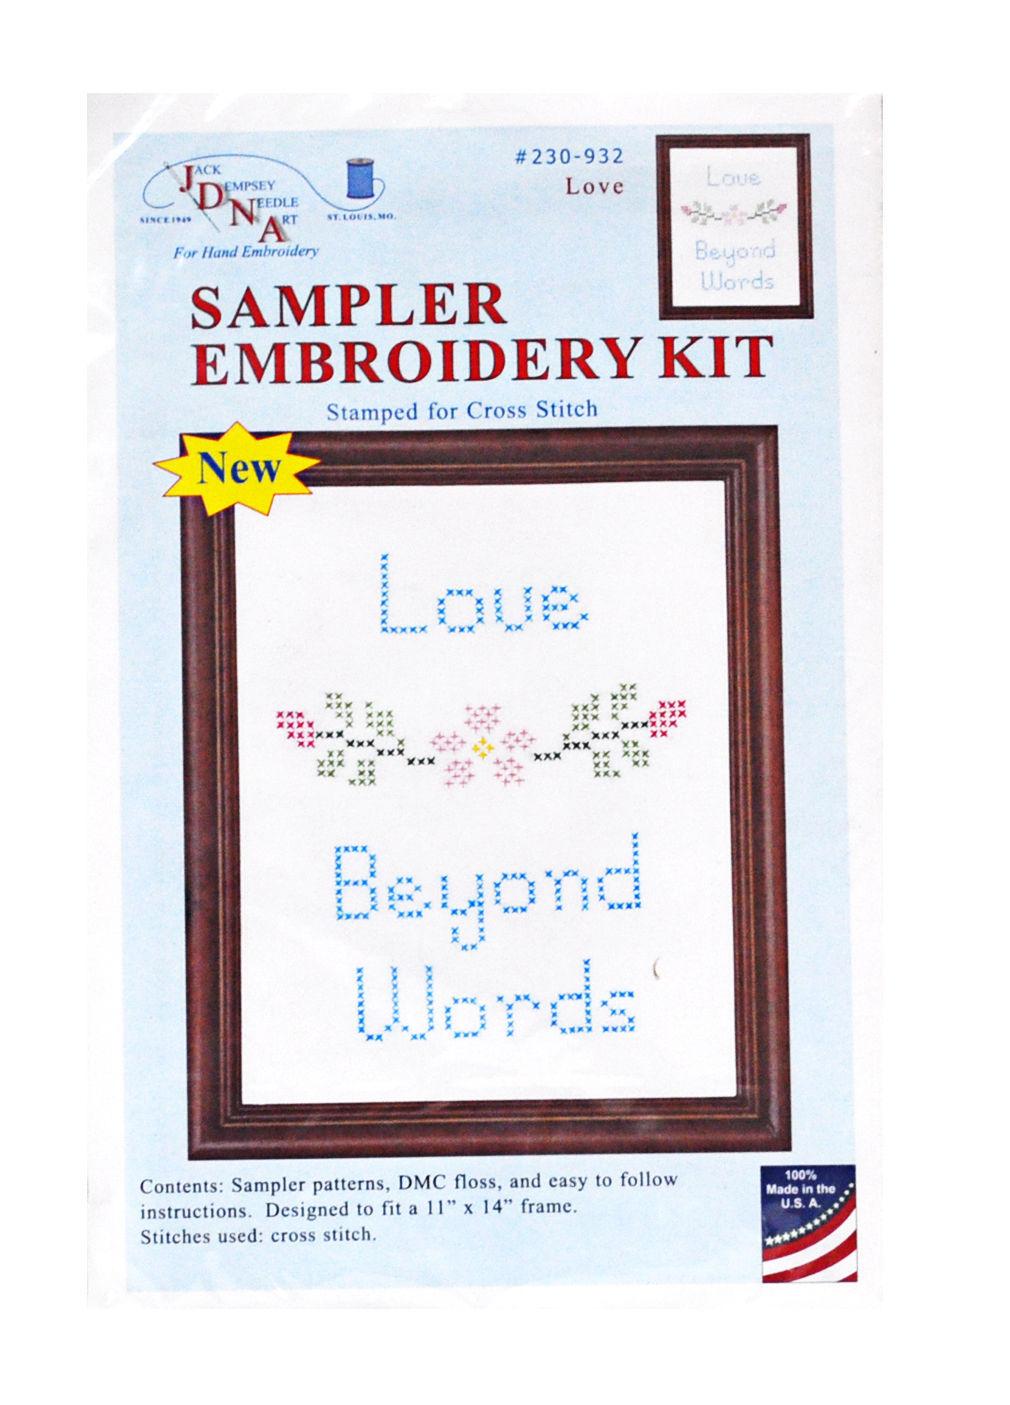 Sampler Embroidery Kit Love